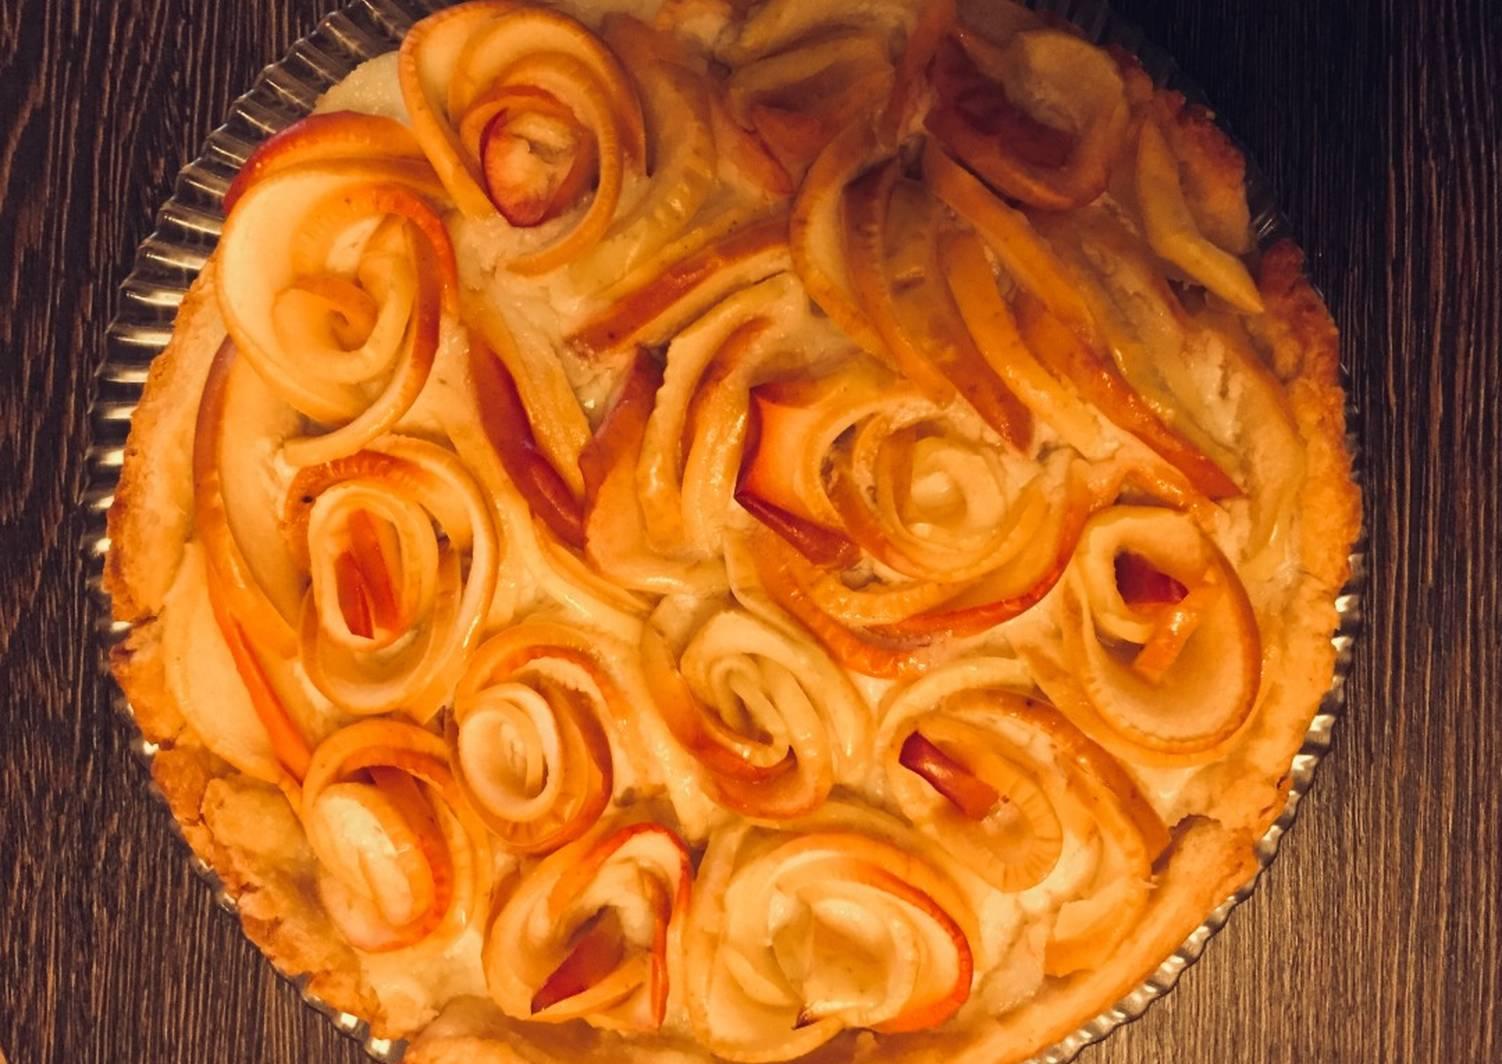 строителей удивило яблочный пирог роза рецепт с фото формат этим причинам